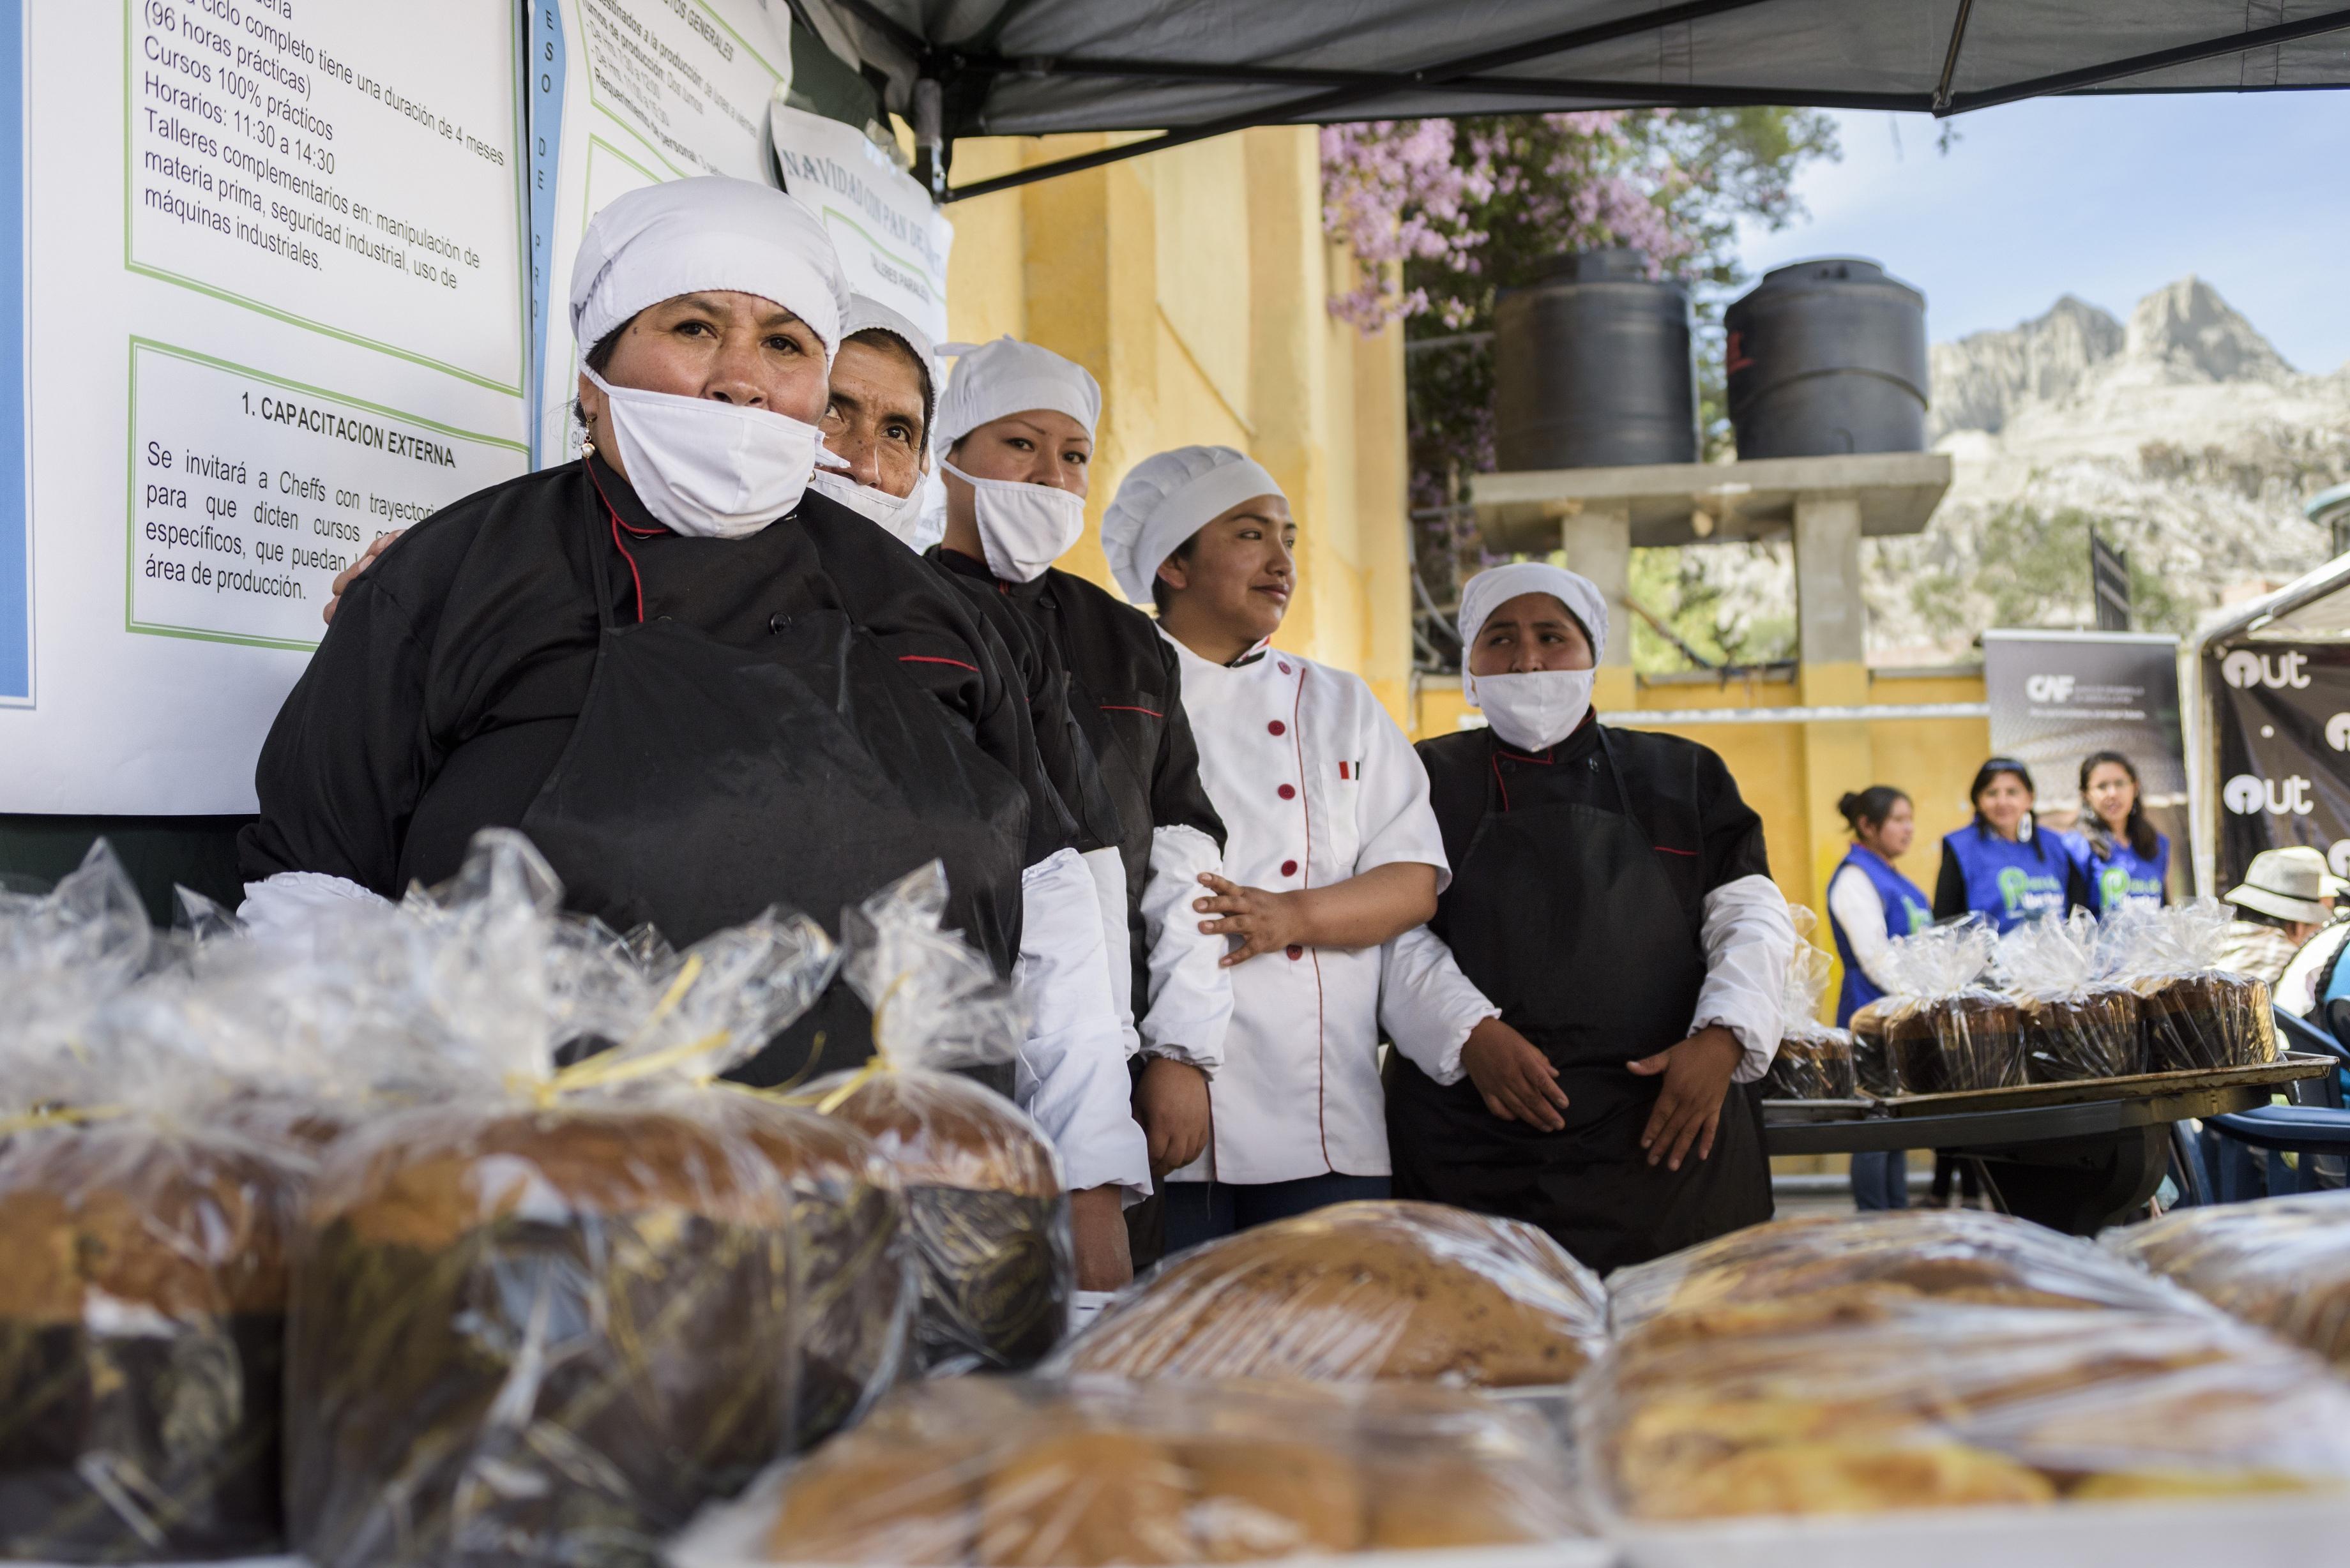 CAF aplica con éxito iniciativas de innovación social de apoyo a grupos vulnerables en Bolivia